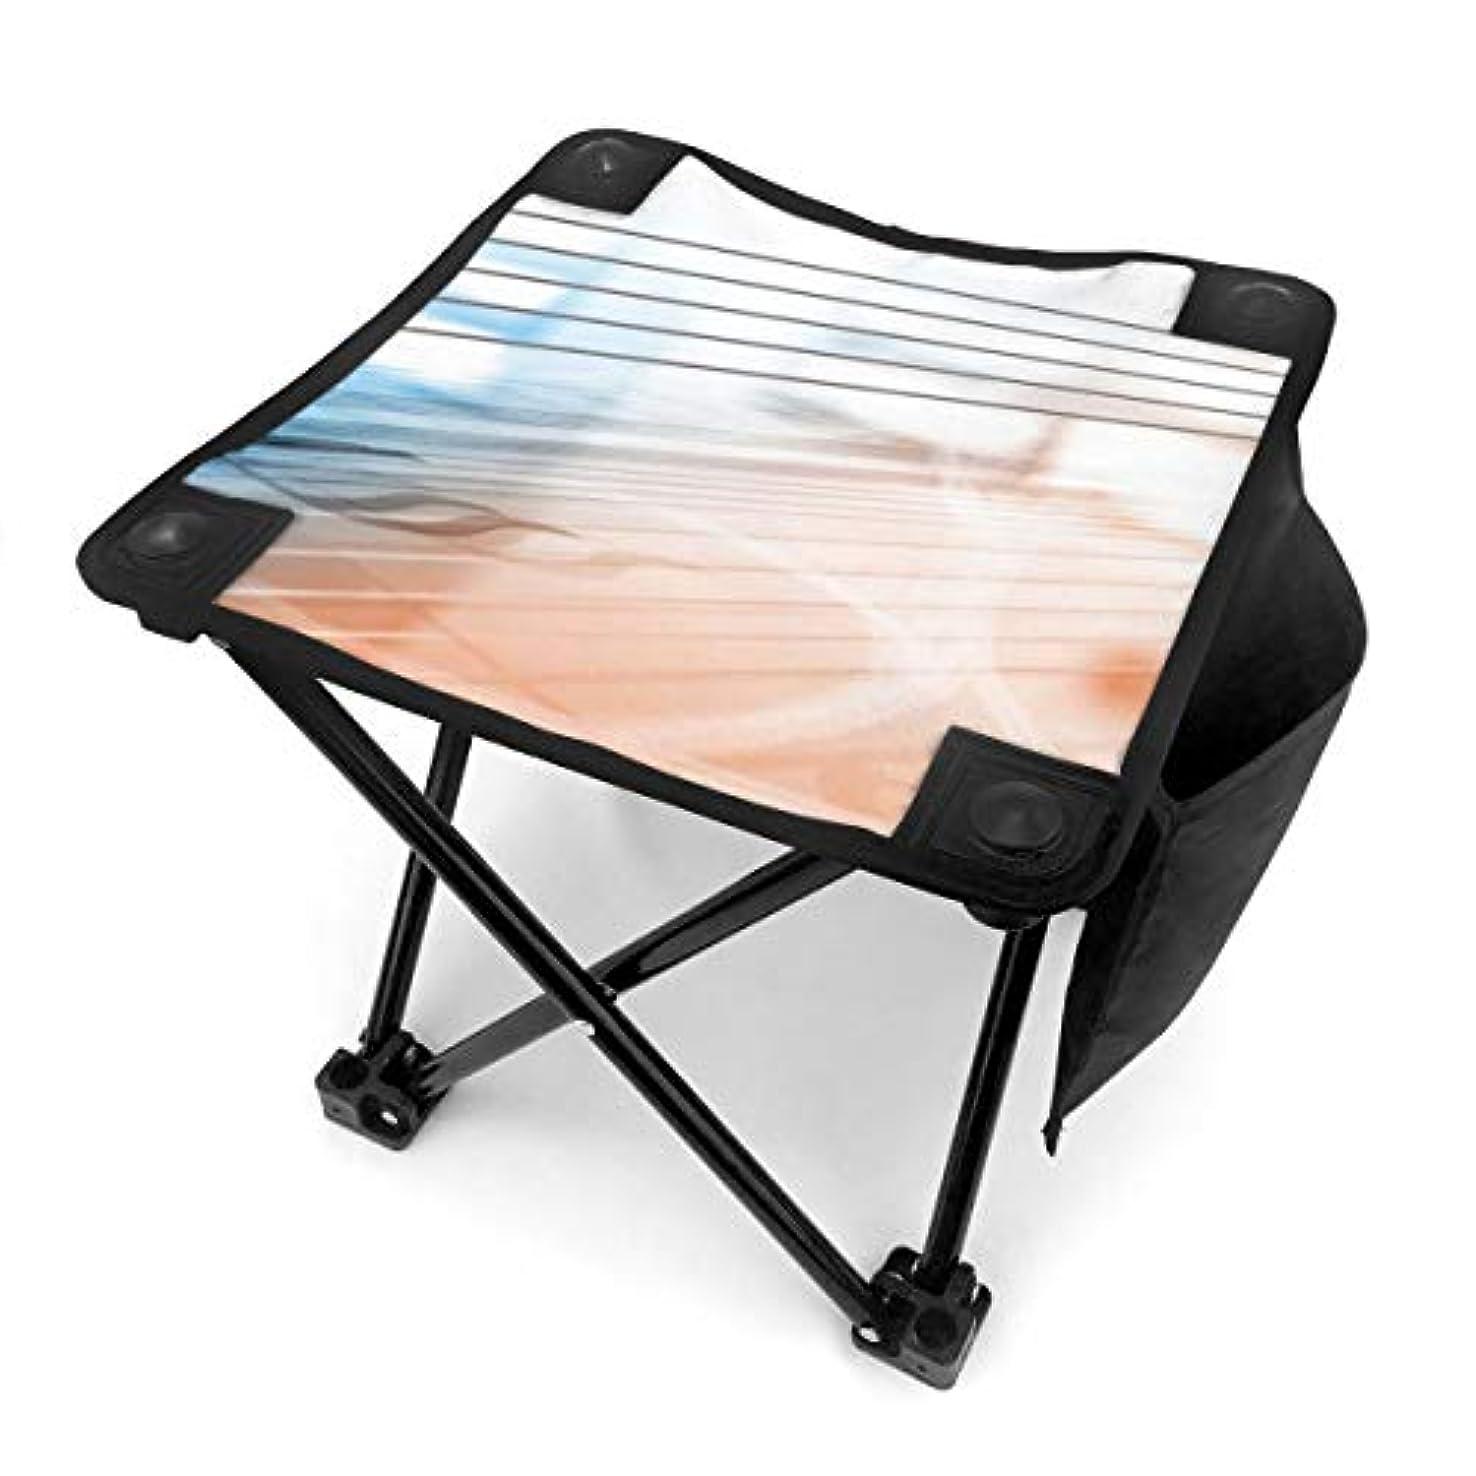 上陸物理学者グローバル折りたたみ椅子 音符 アウトドアチェア 収納バッグ付き アウトドアチェア 折り畳み式 椅子 折りたたみ コンパト椅子 キャンプスツール 携帯便利 旅行用/お釣り/キャンプ/アウトドアなど対応